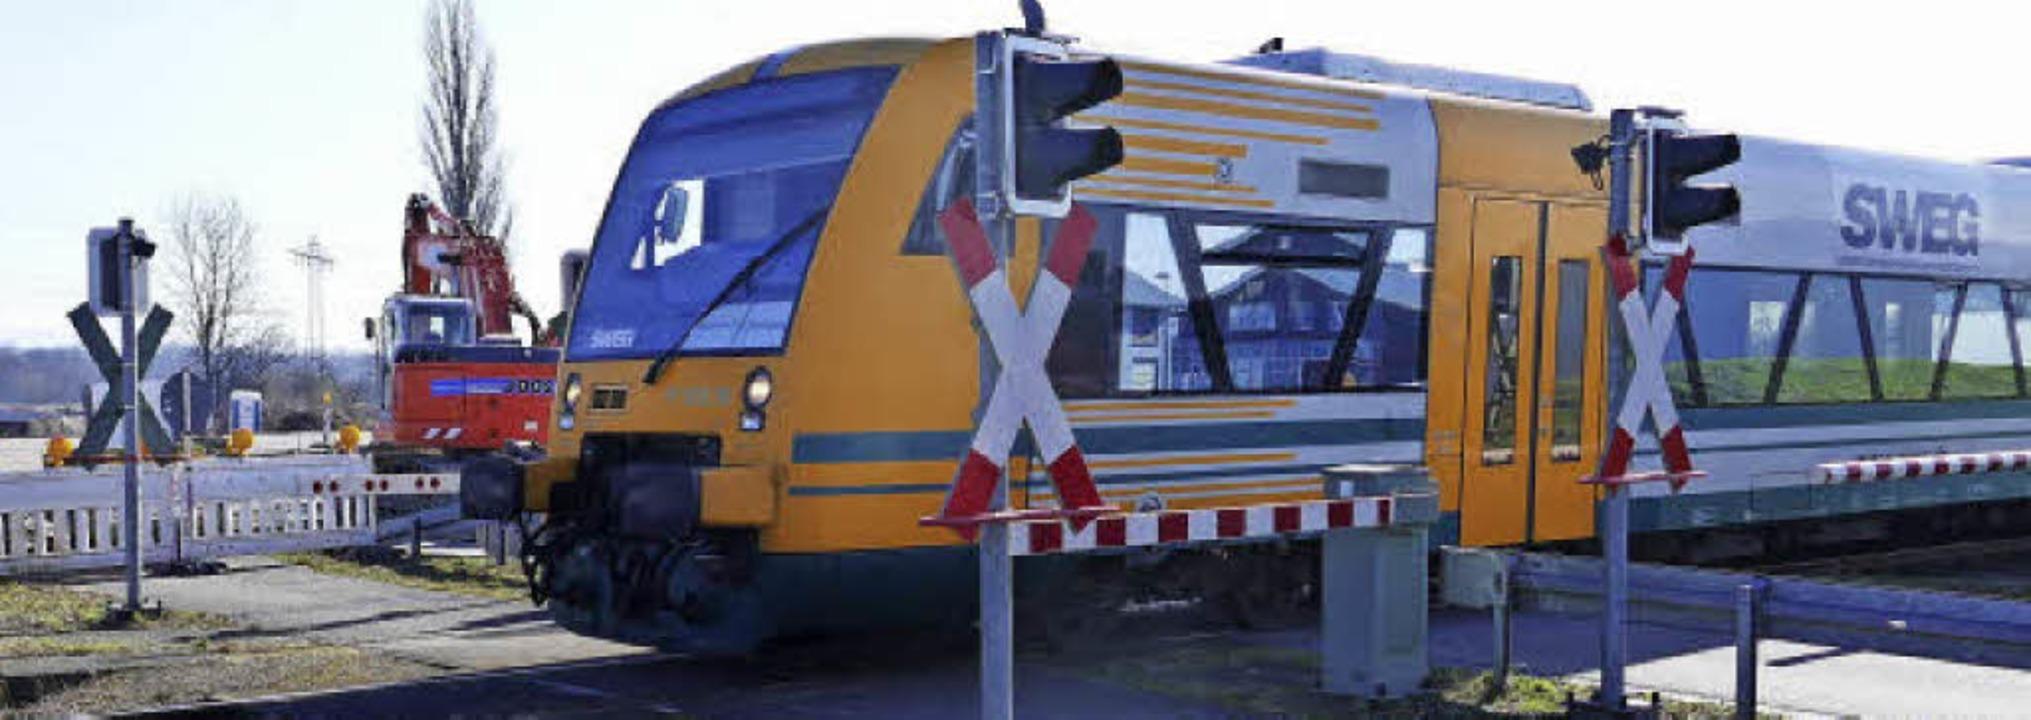 Nur noch bis Ende März fahren die Züge...ktrifizierung der Strecke gearbeitet.   | Foto: Manfred Frietsch